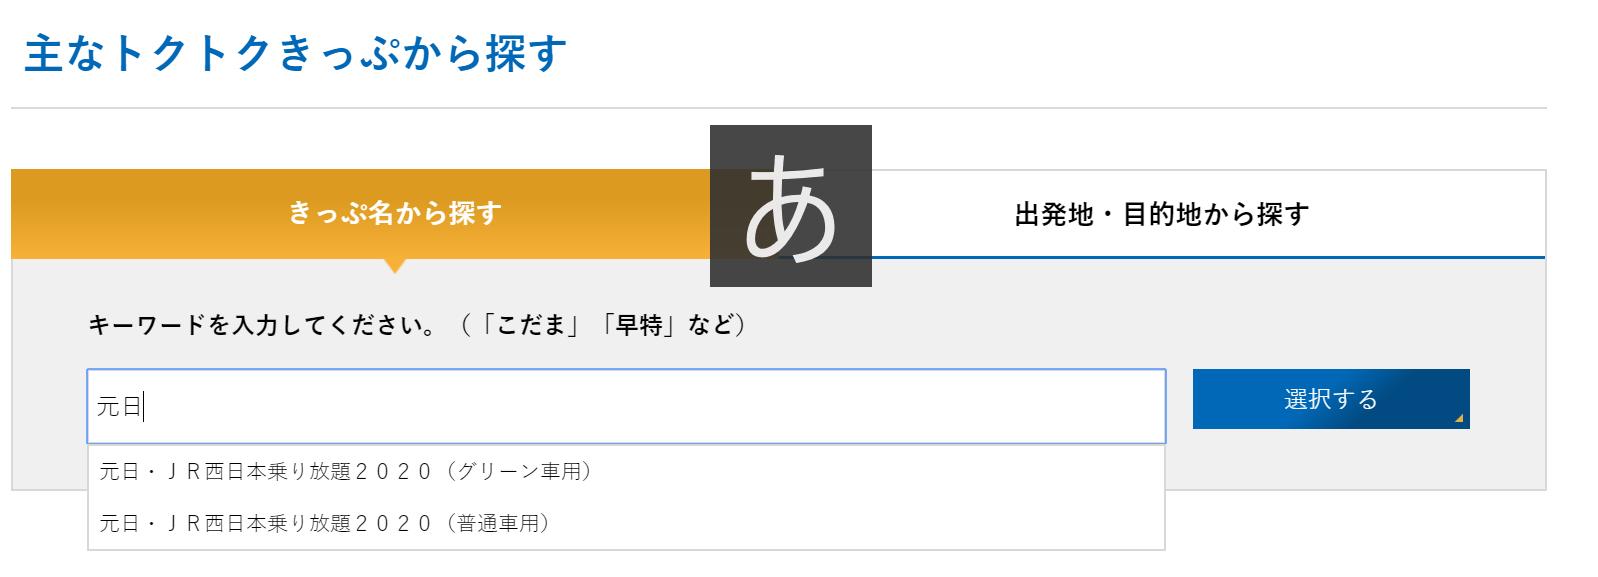 Jr 西日本 乗り 放題 2020